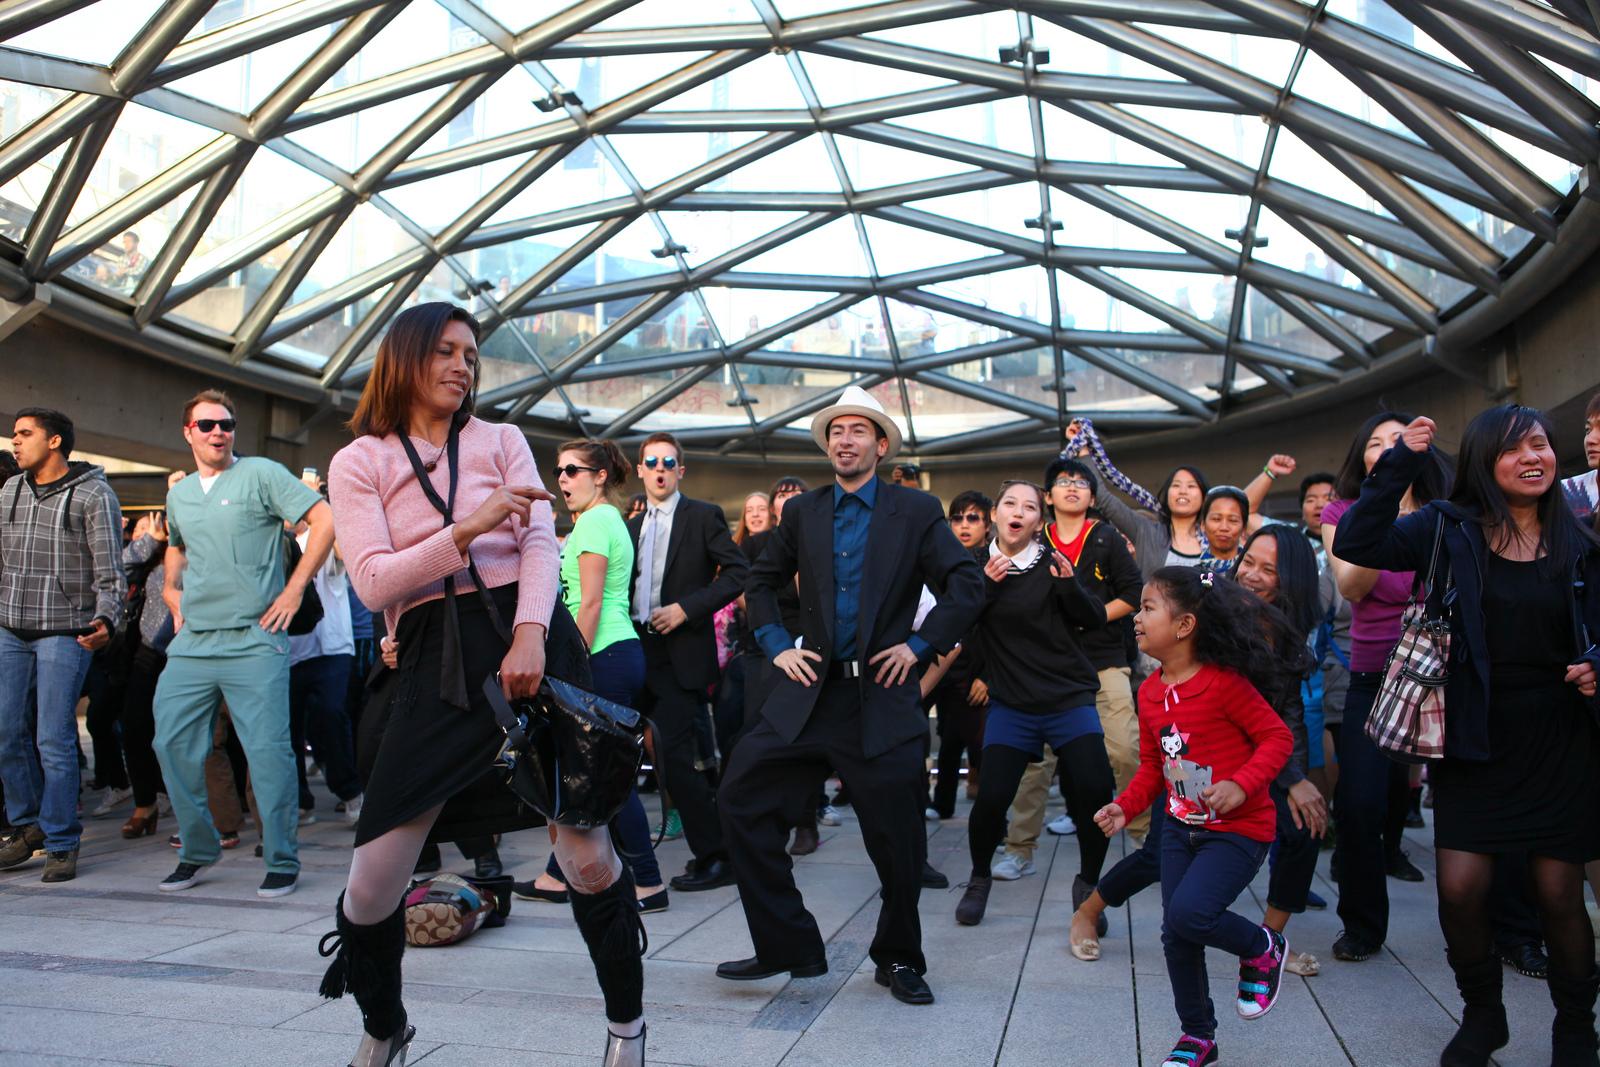 Image: A fun flash mob